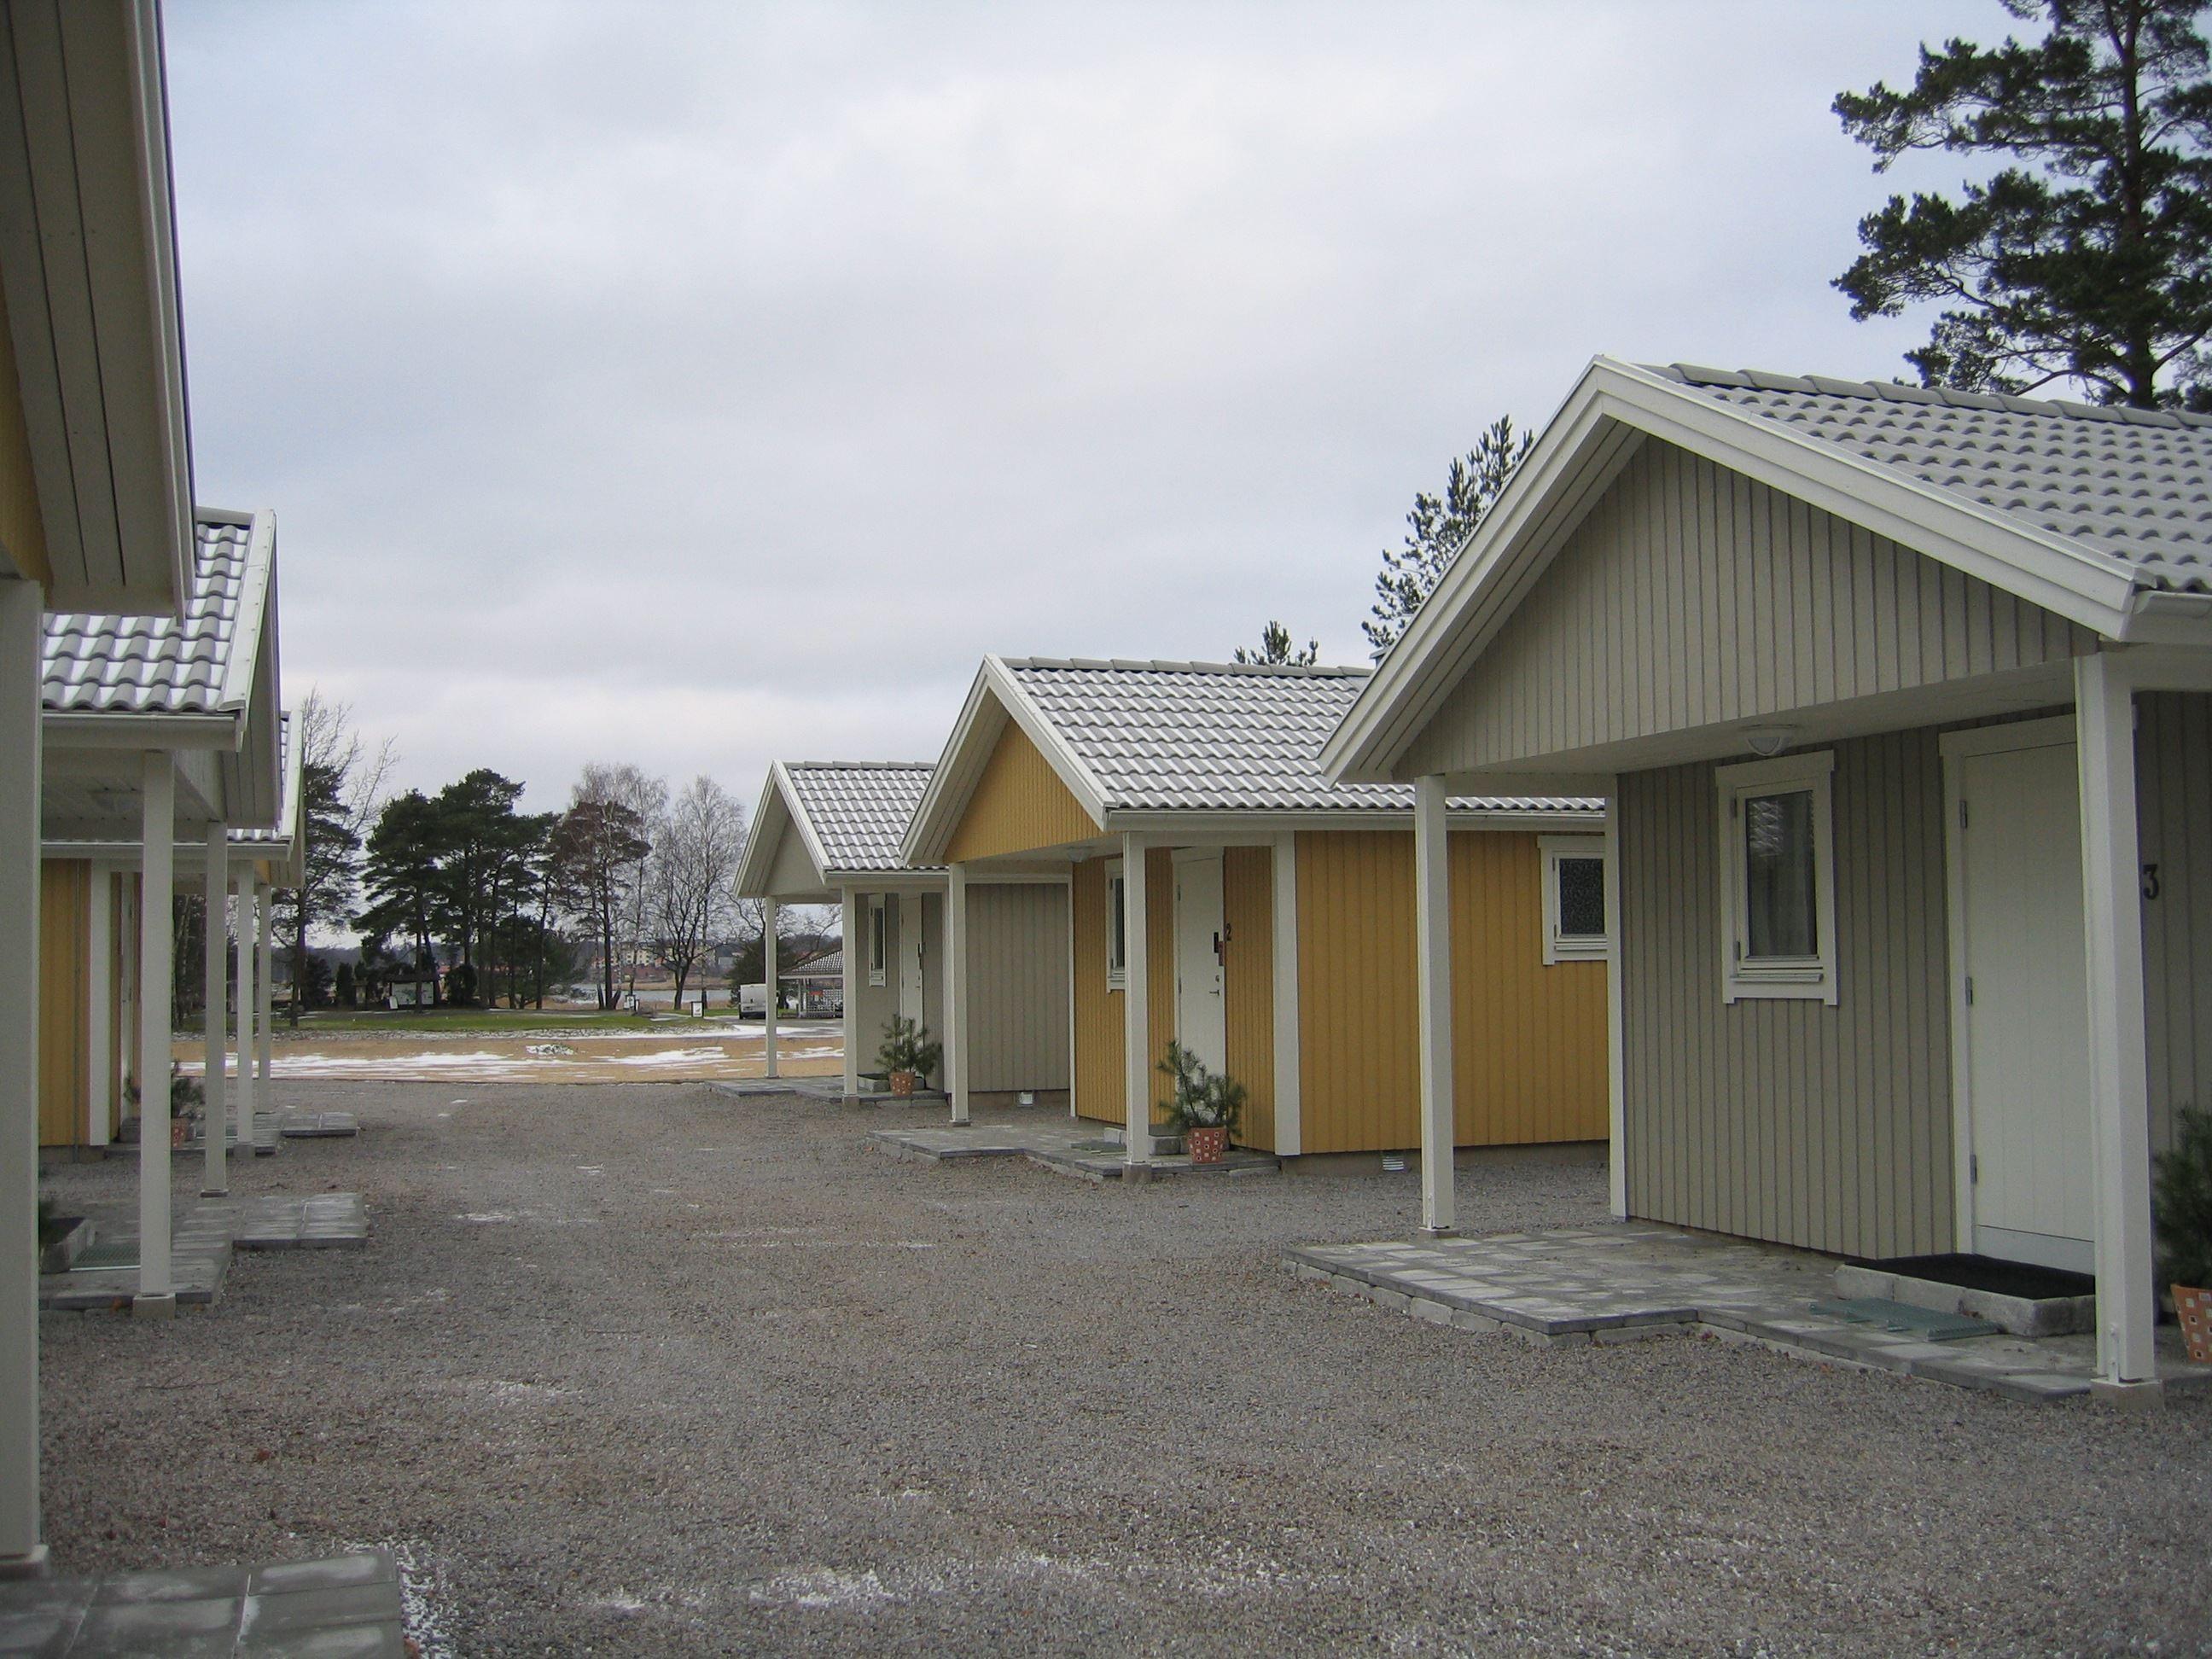 Sölvesborgs Golfklubbs stugby